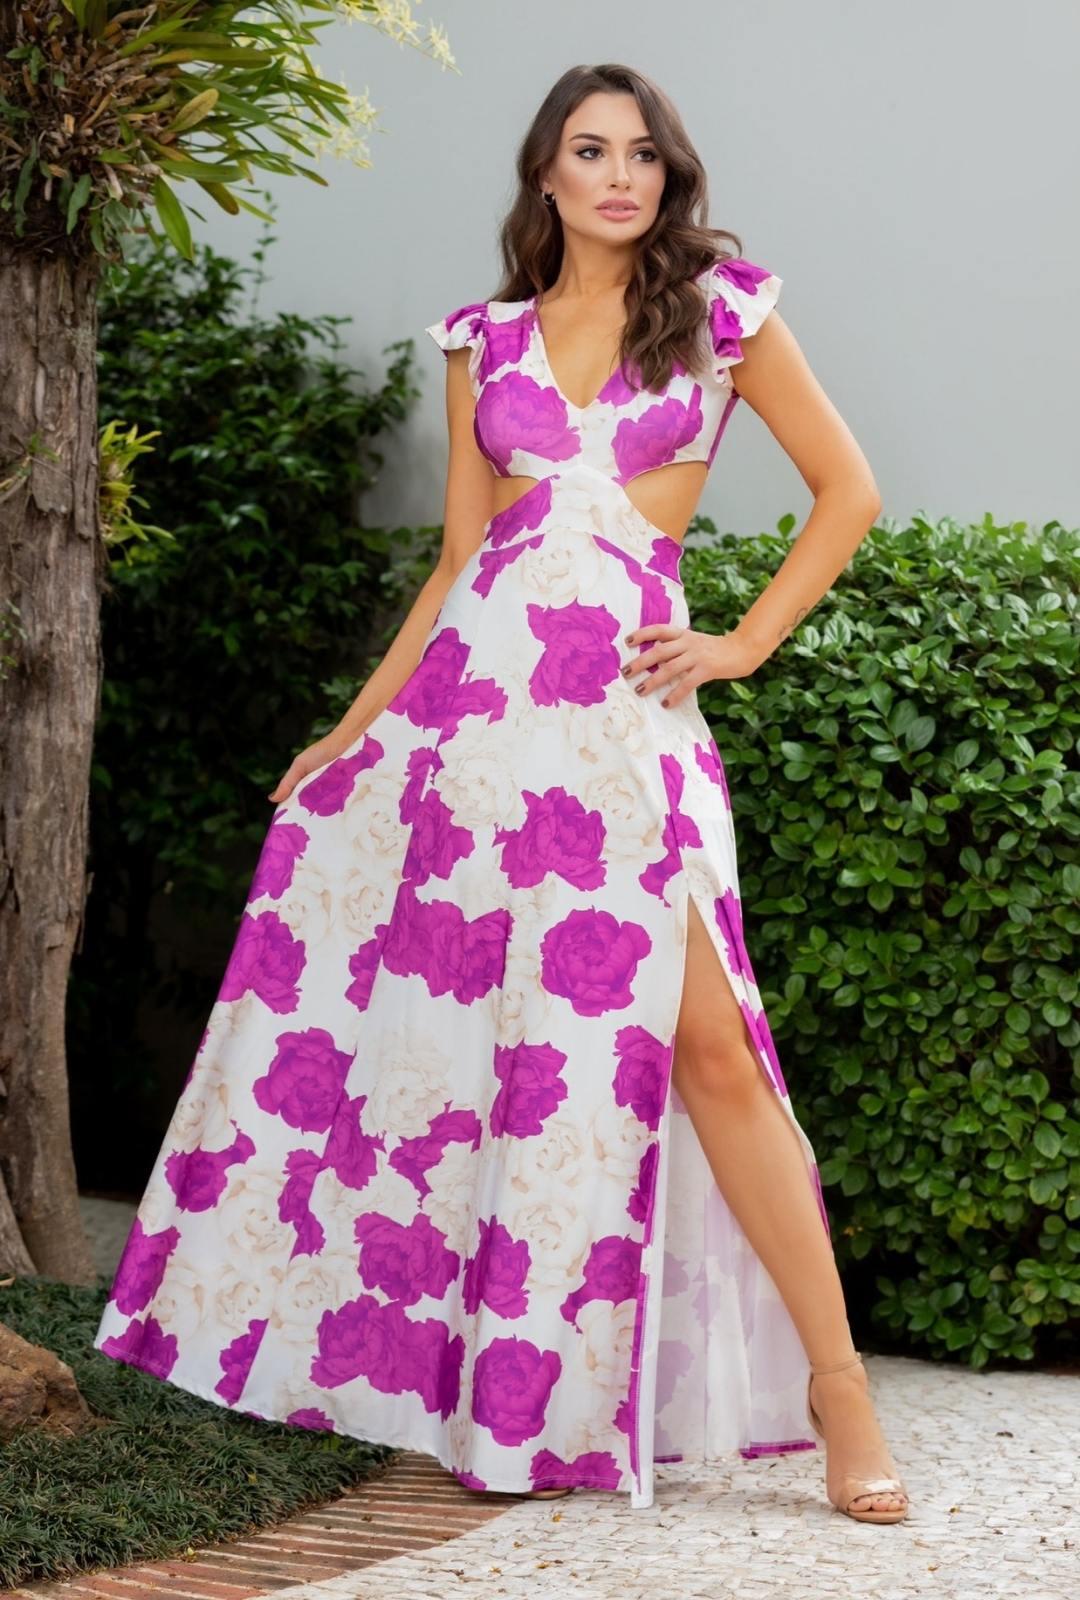 Vestido Longo Estampado Floral Liana Manga Curta Fluity Roxo